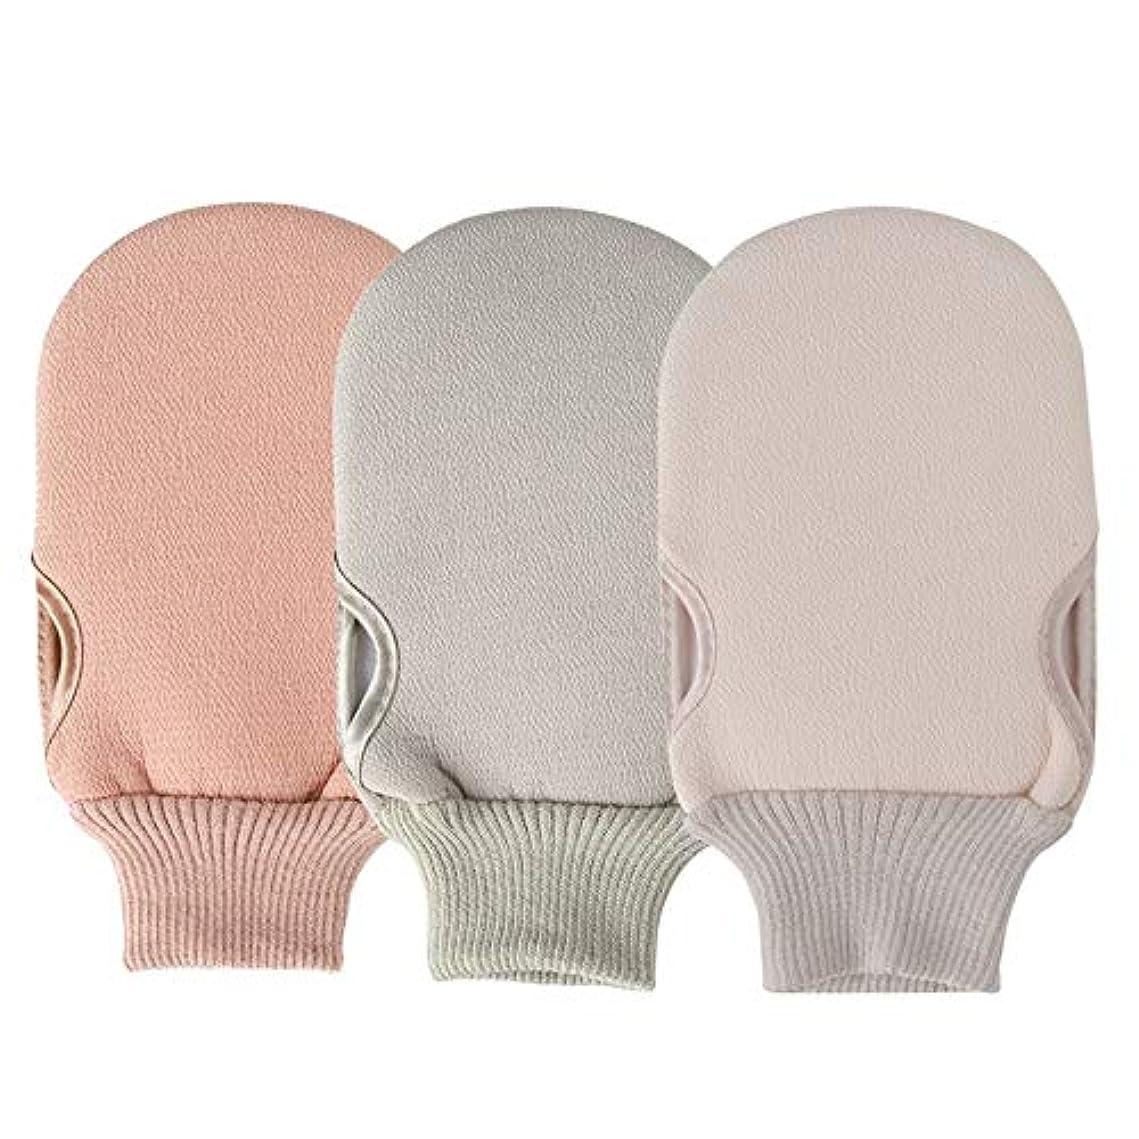 させる意外特異性BTXXYJP お風呂用手袋 あかすり シャワー手袋 ボディブラシ やわらか ボディタオル バス用品 角質除去 (Color : Pink+green+beige)